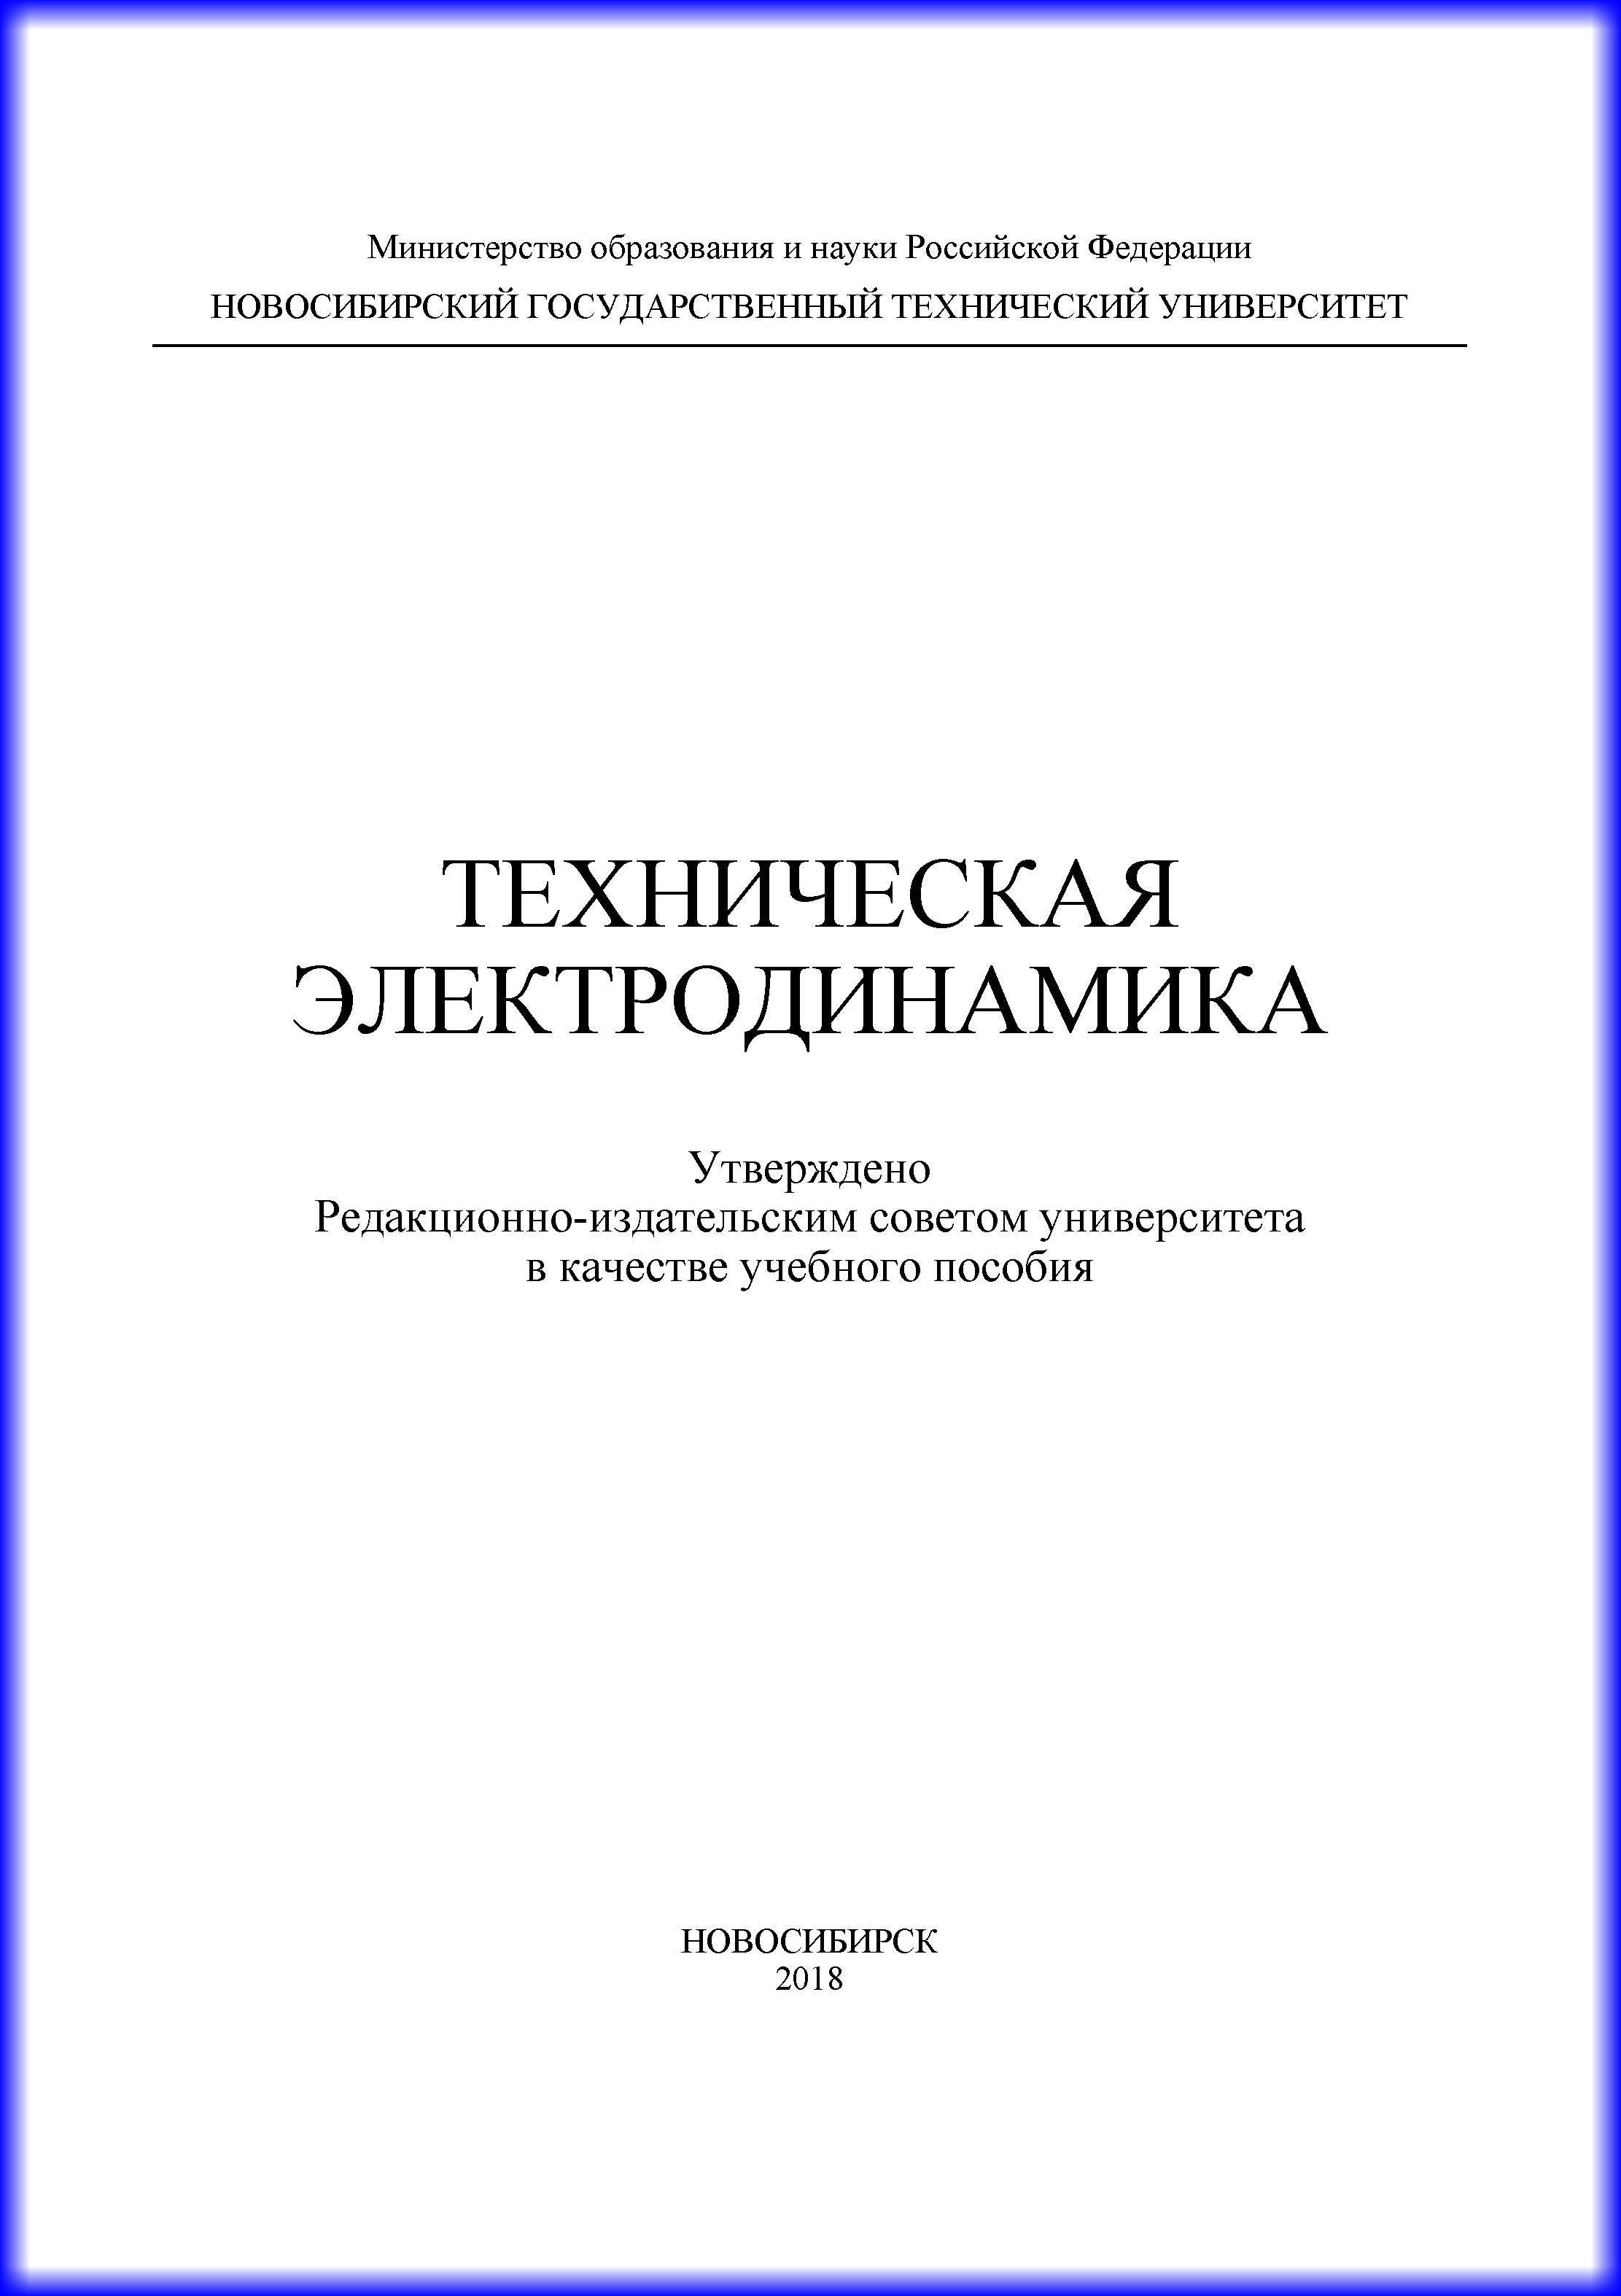 Ю. О. Филимонова Техническая электродинамика